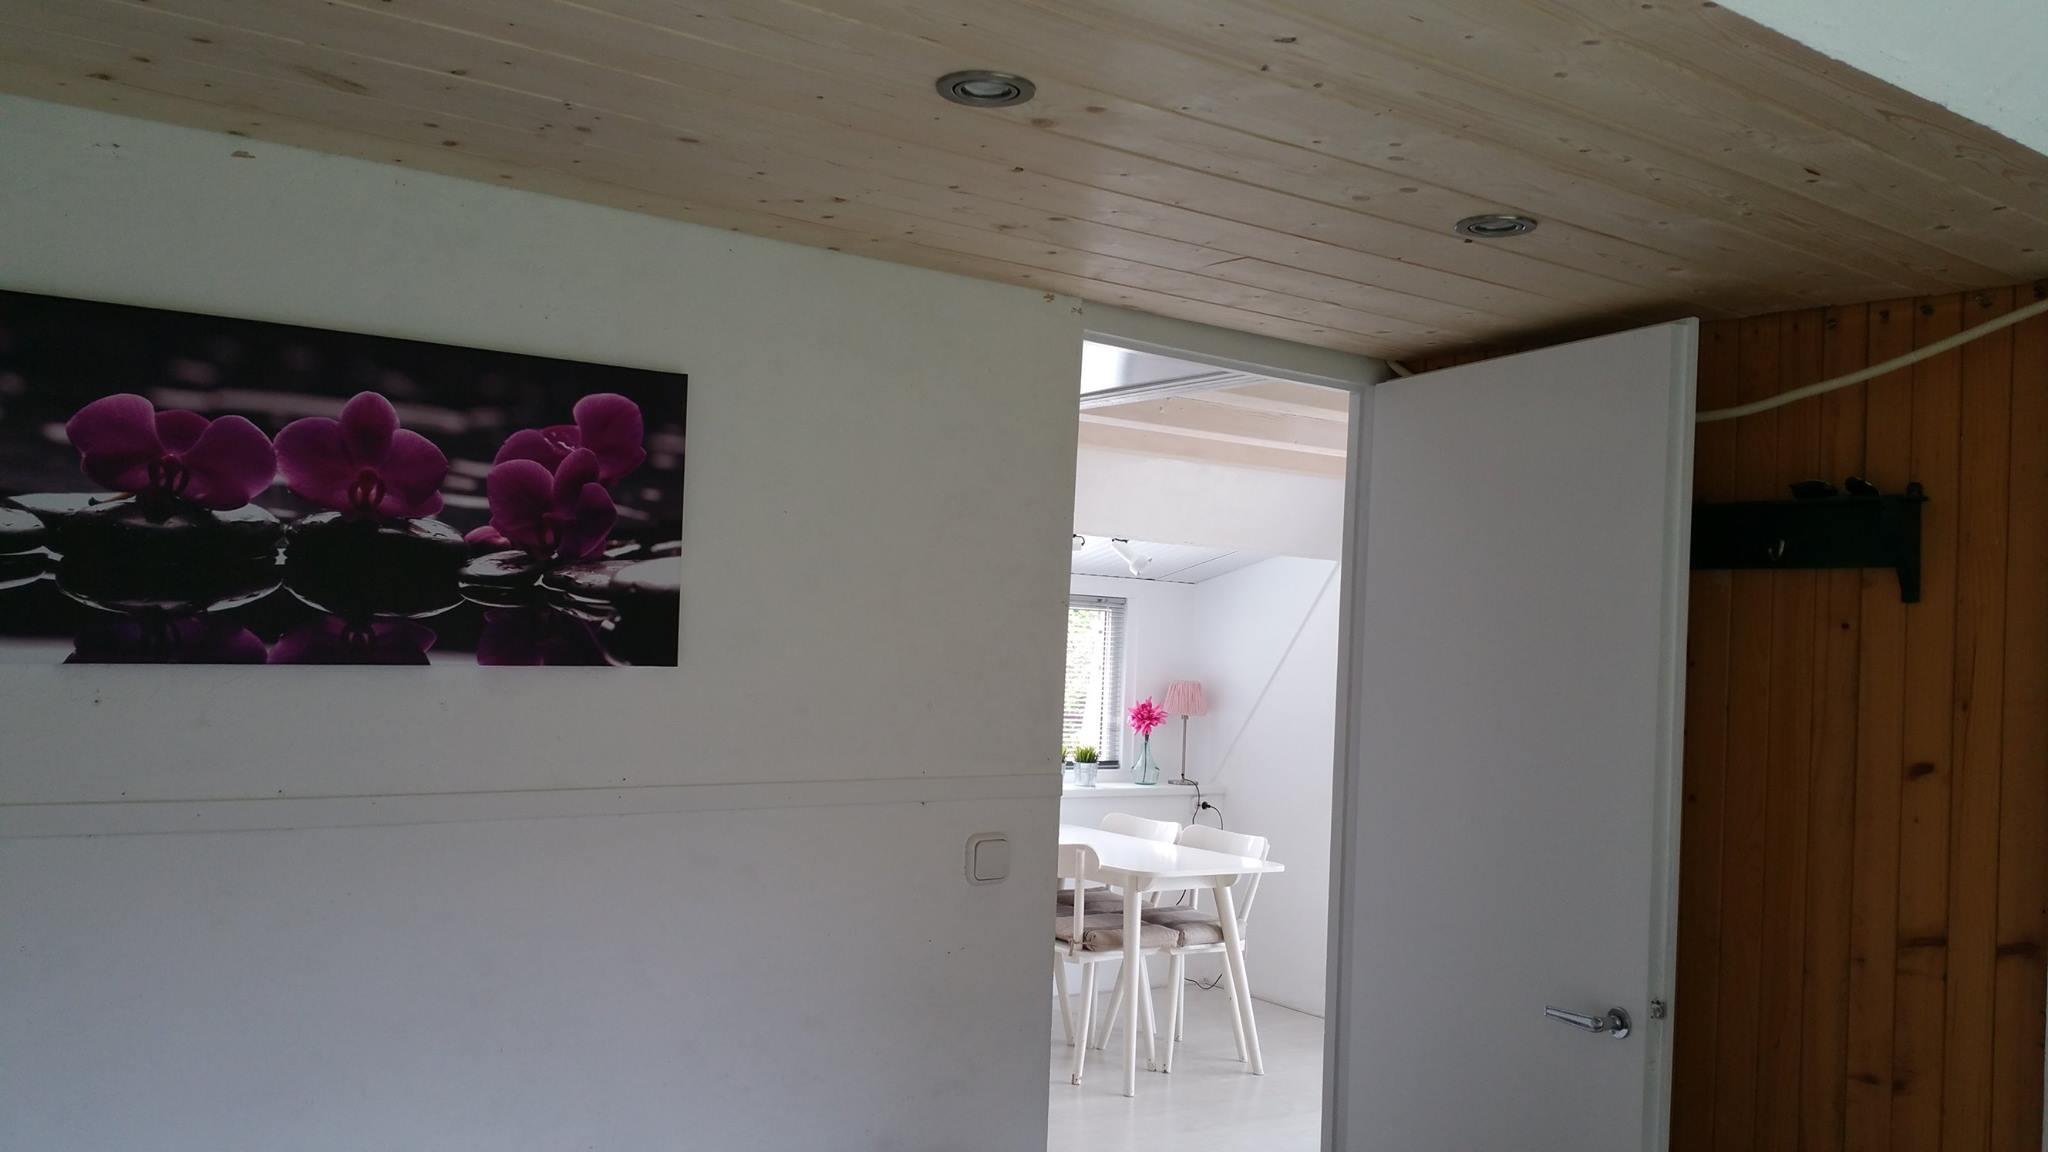 Inbouw slaapkamer verlichting 8253842 - comotratarejaculacaoprecoce.info